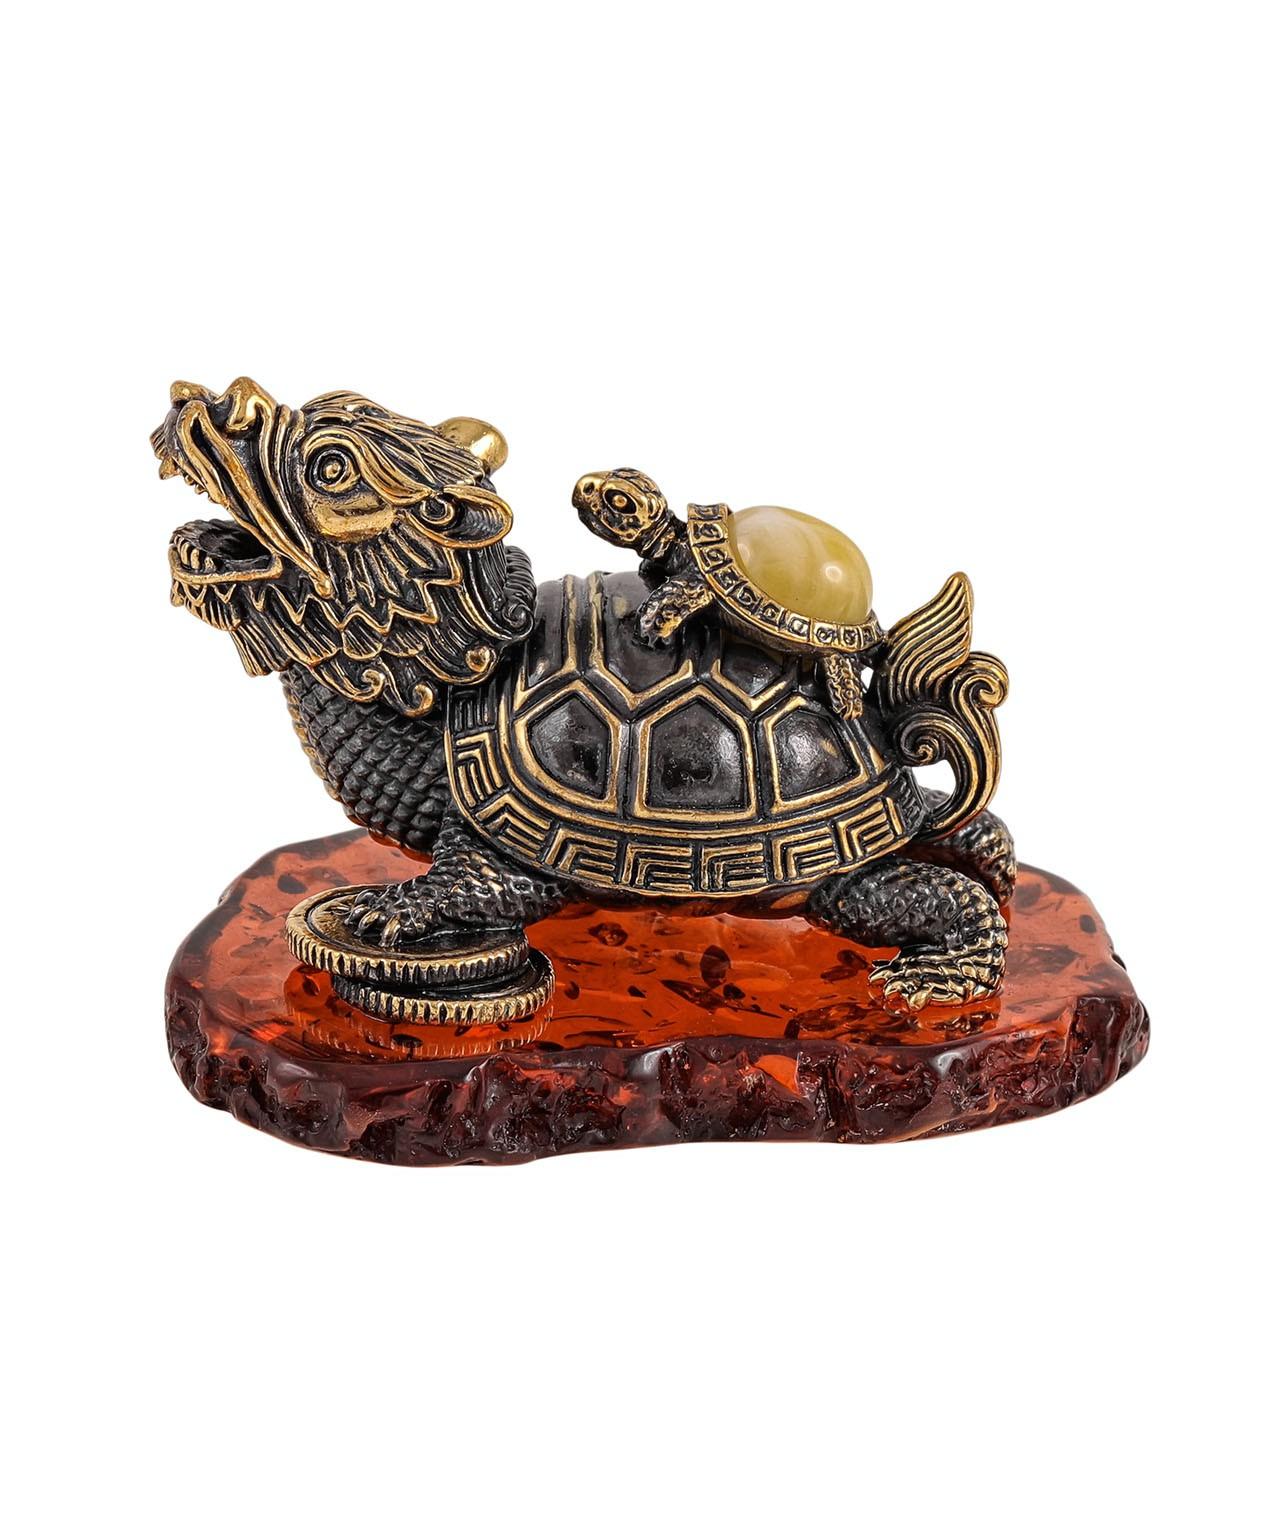 Черепаха Драконовая 1930